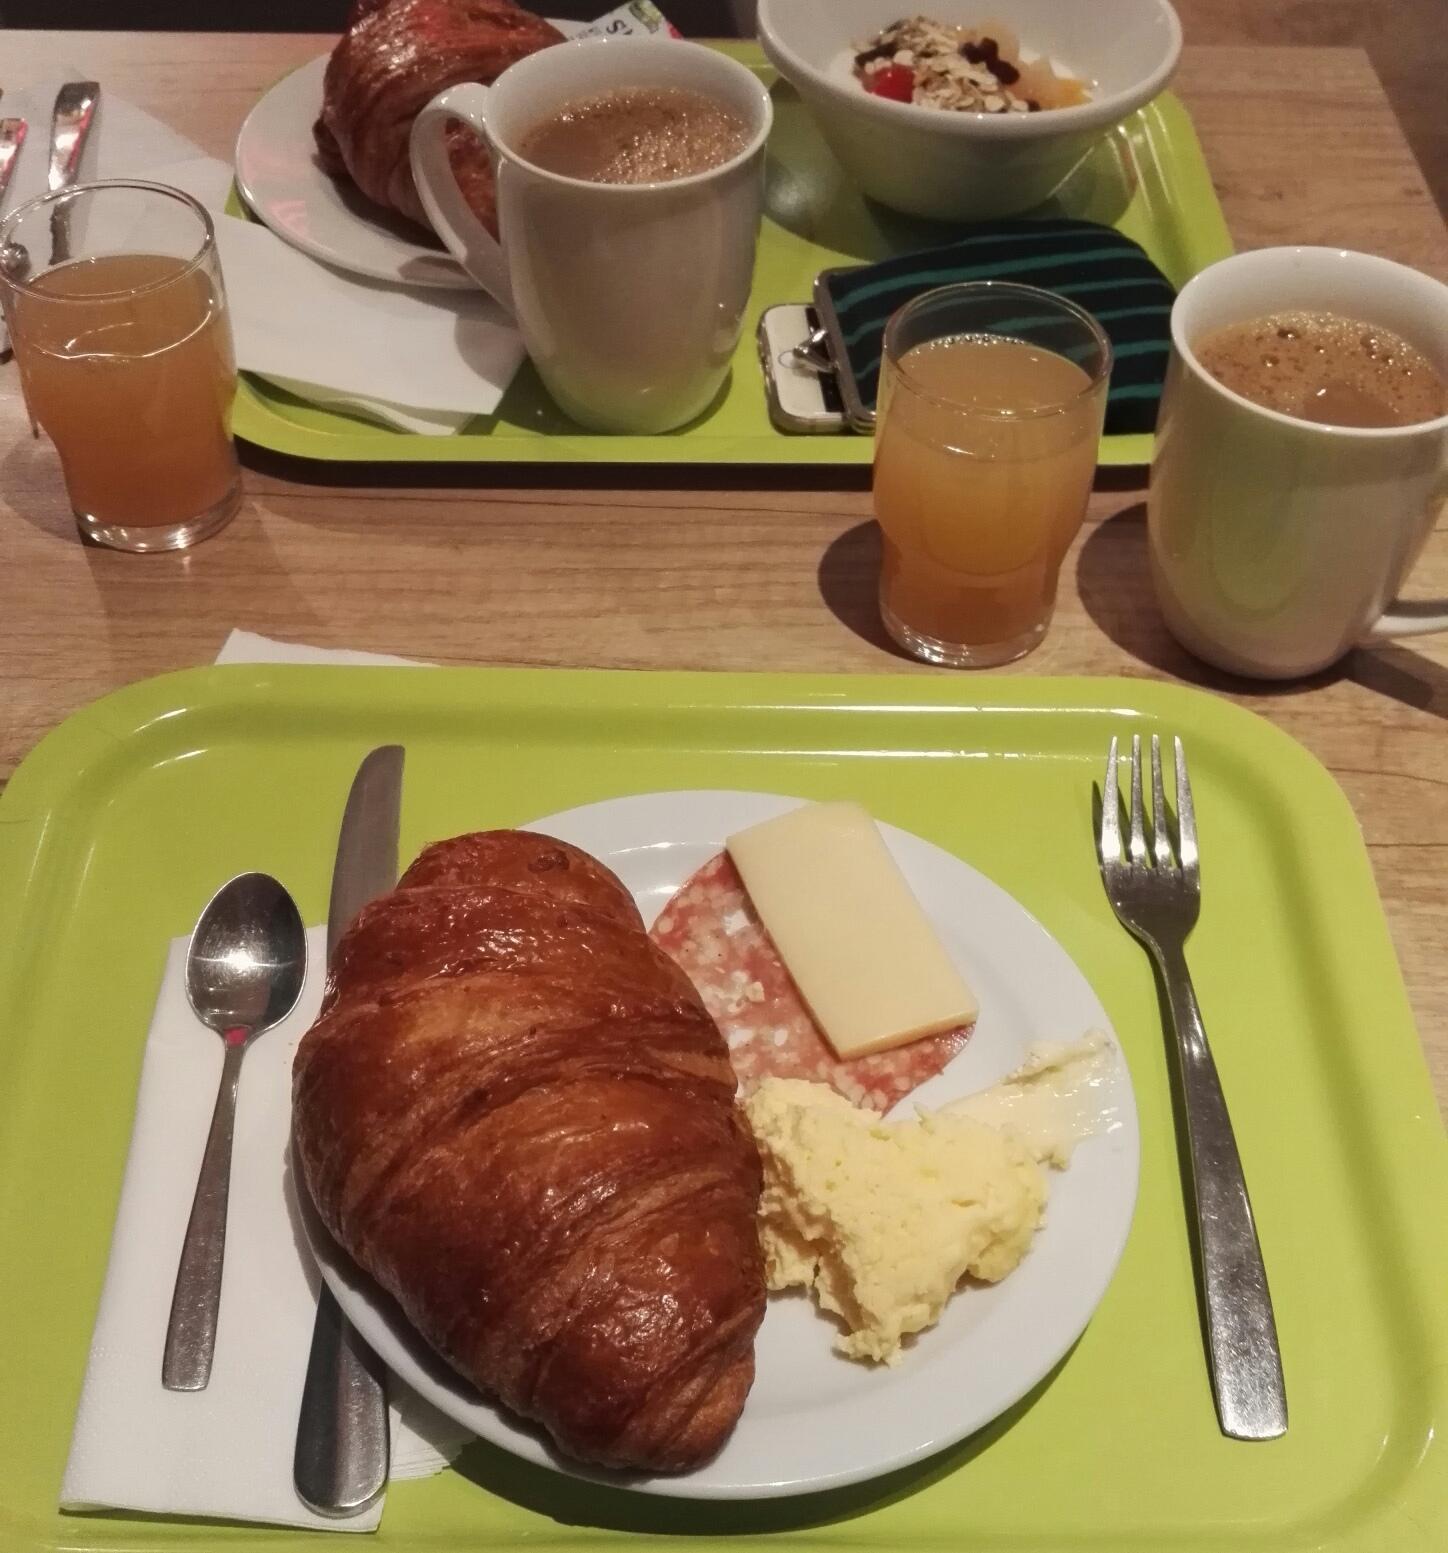 Aamupala, vain kerran oli munakasta neljästä aamusta. Amerikan kahvia sai vain yhtenä aamuna muuten hitaasta kahviautomaatista muita kahveja